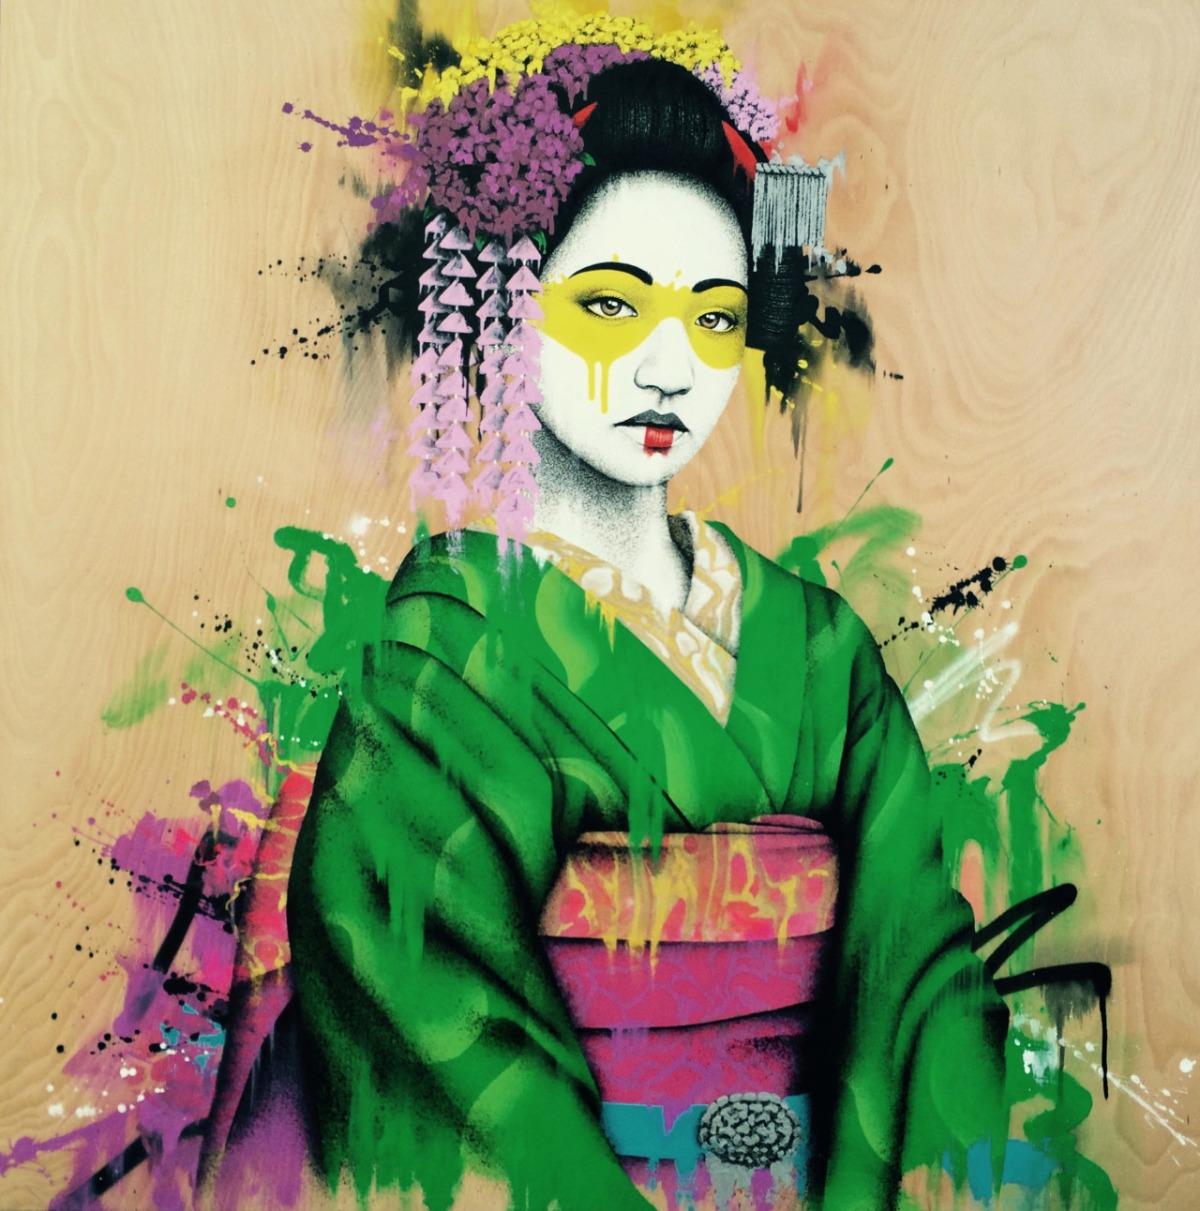 fin-dac-geisha-6